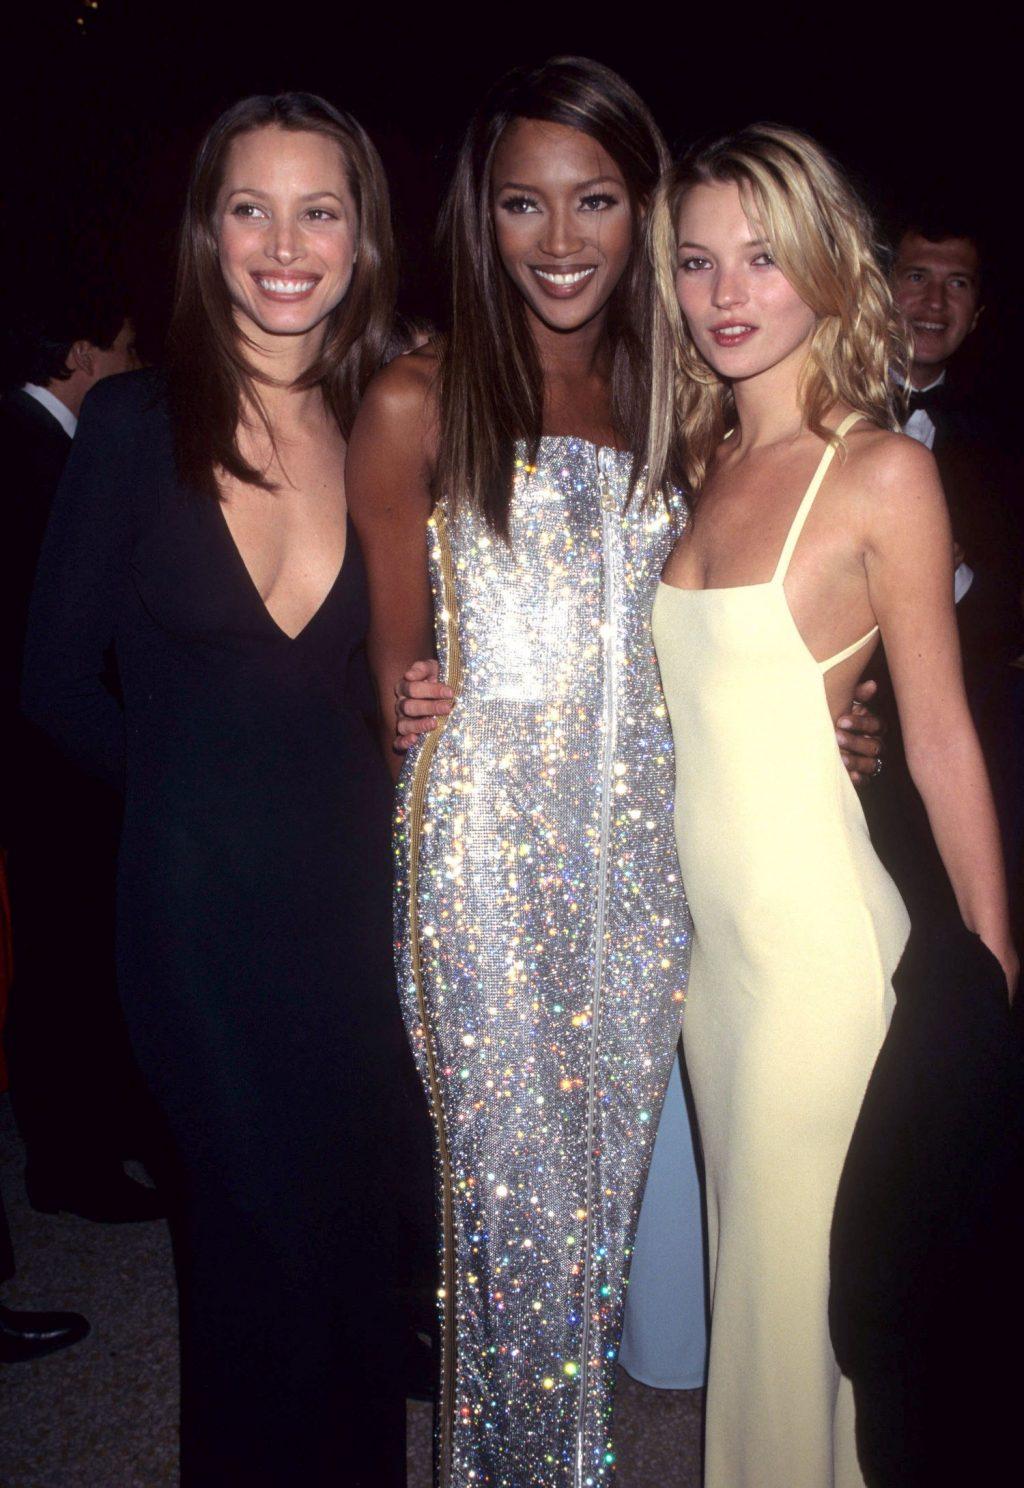 Điểm tin thời trang: Dior dời buổi trình diễn tại Tuần lễ Thời trang nam, Donna Karan tham gia series American Style cùng các nhà NTK khác 9